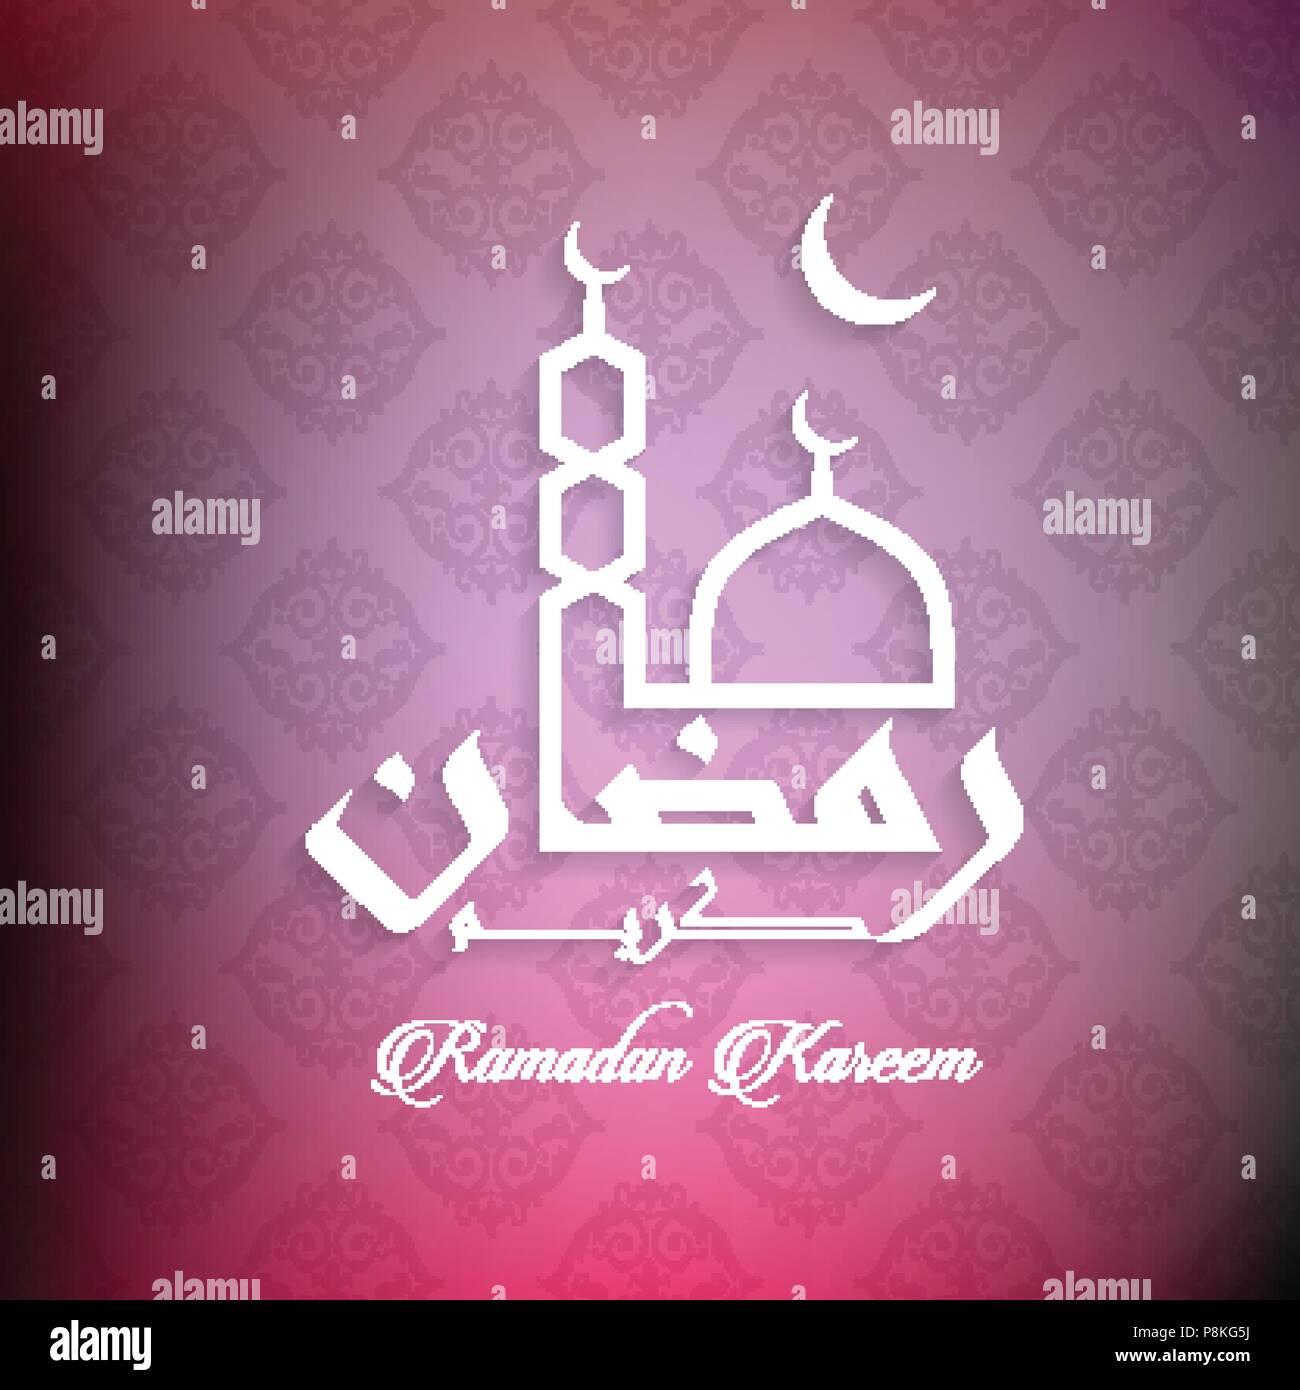 Ramadan Kareem Beautiful Greeting Card With Arabic Calligraphy With